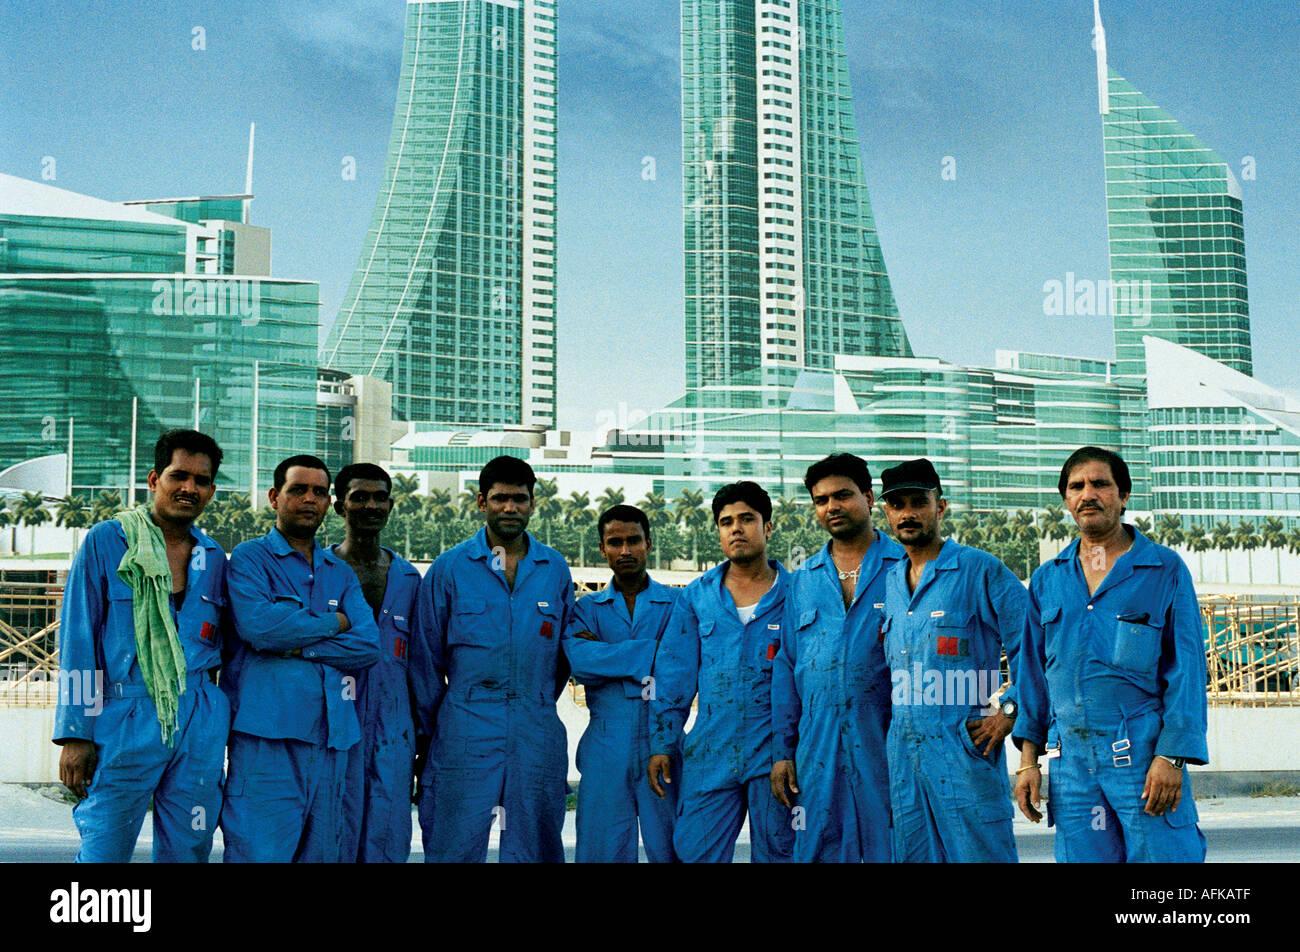 Bahrain Construction Workers Stock Photos & Bahrain